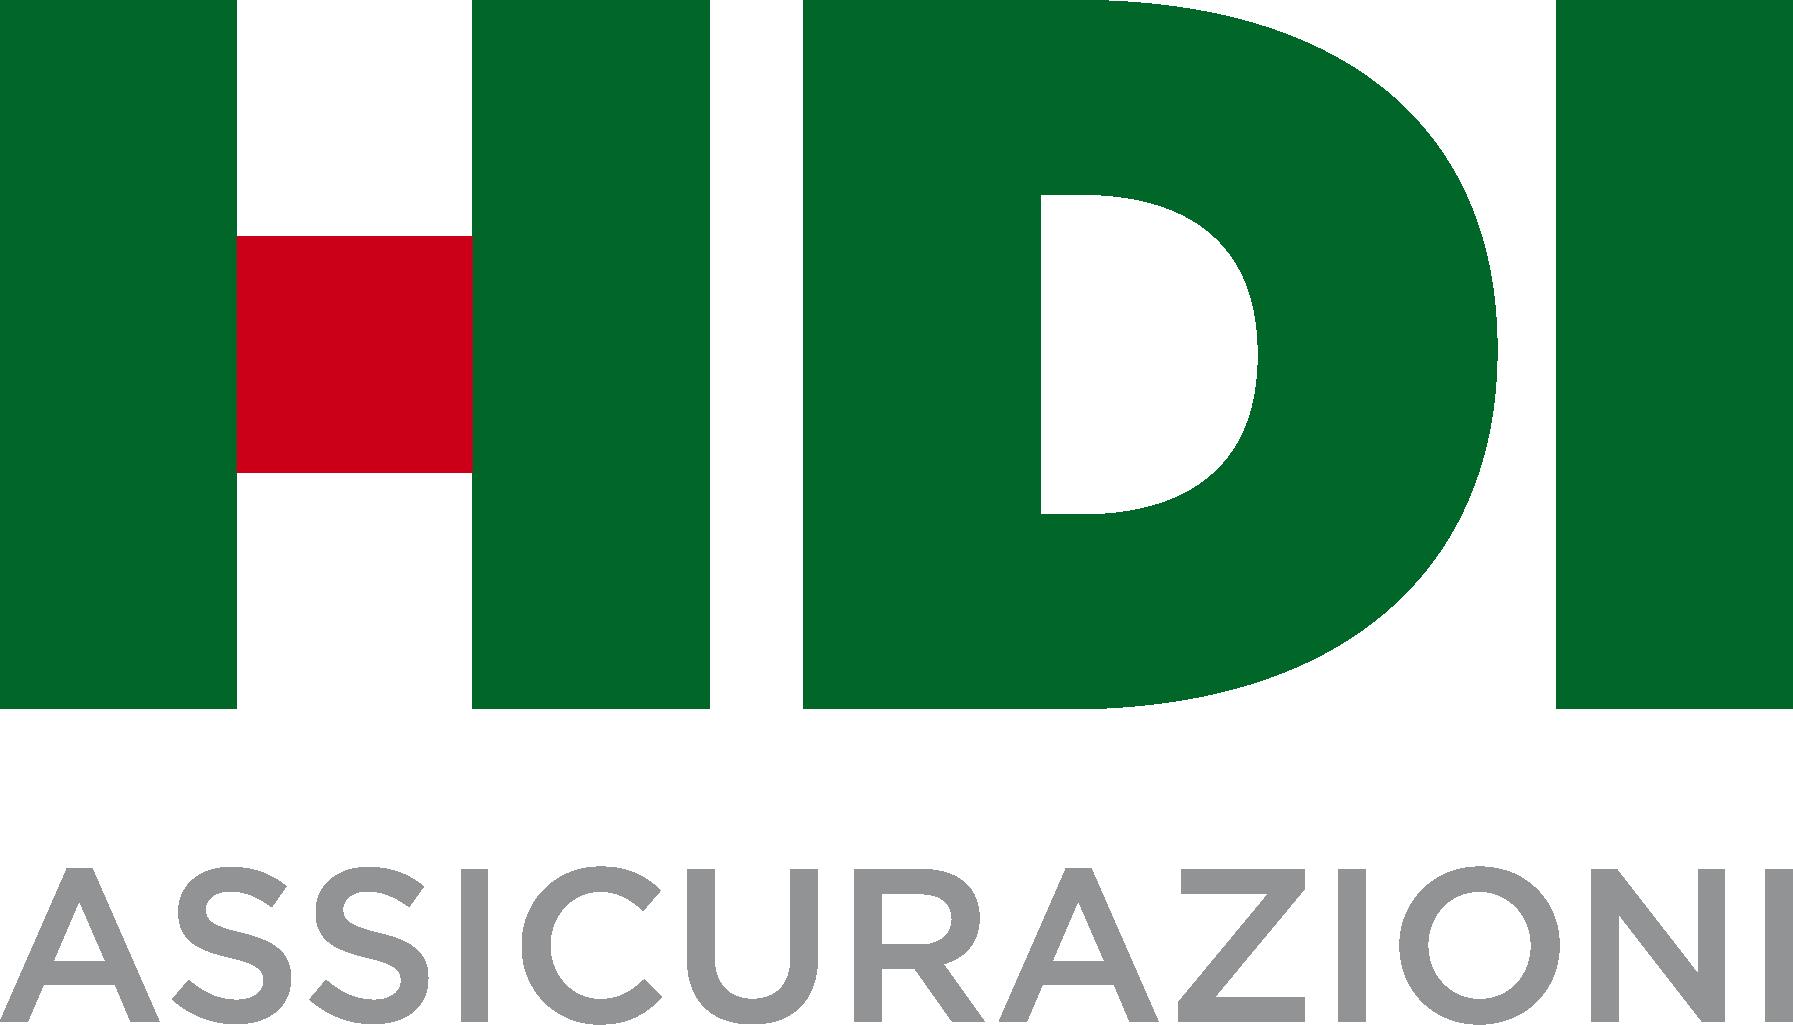 File:HDI Assicurazioni Logo RGB.png.